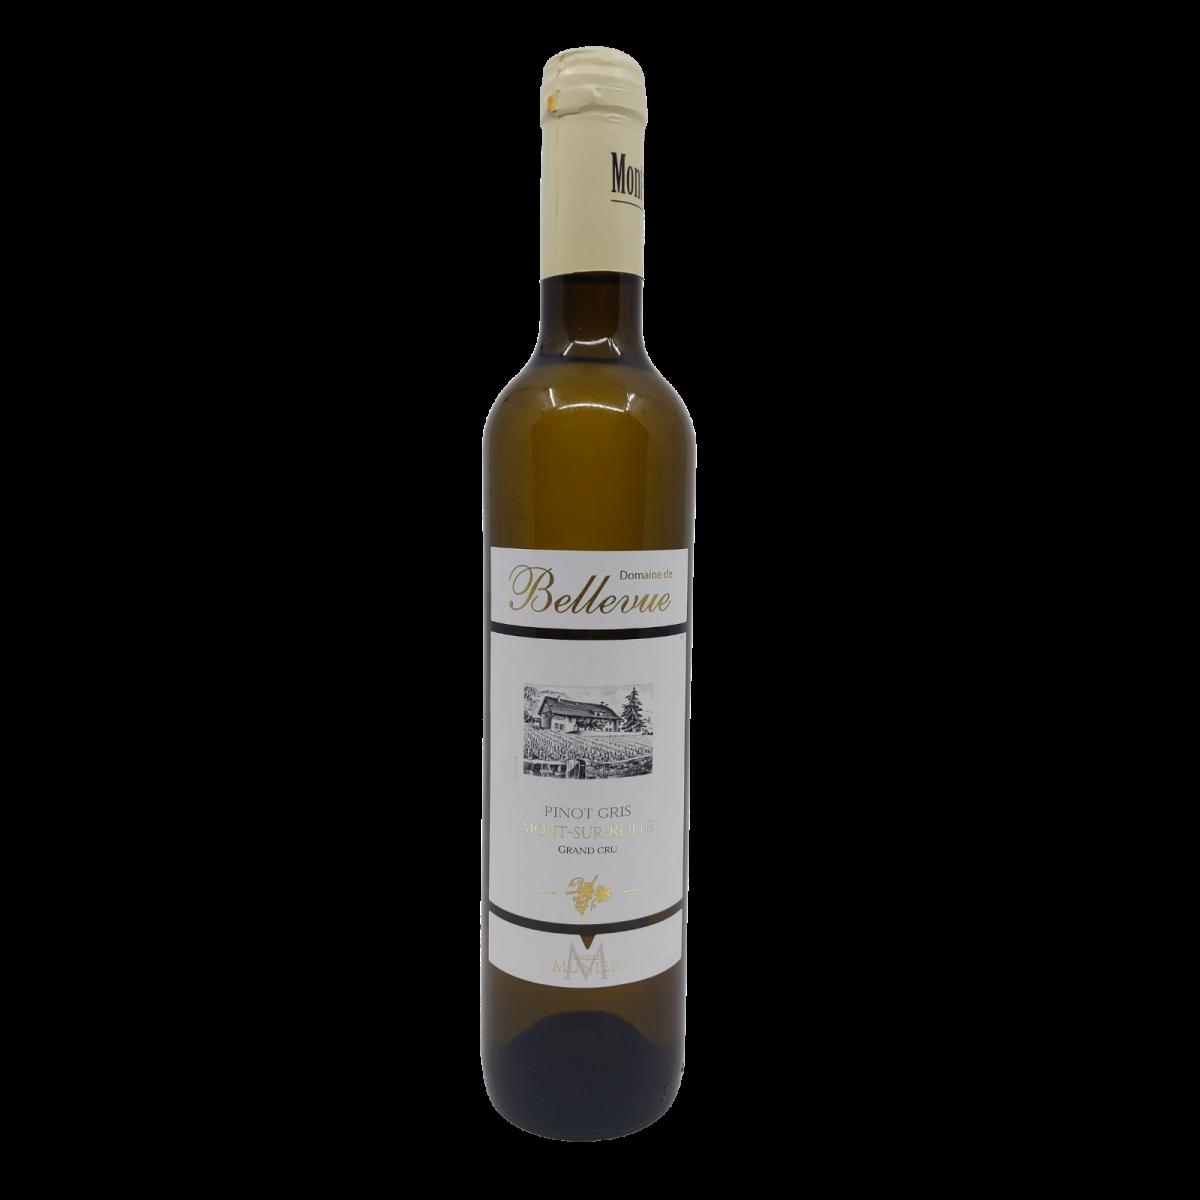 Pinot Gris - Domaine de Bellevue - Famille Munier - Alcools - FM03